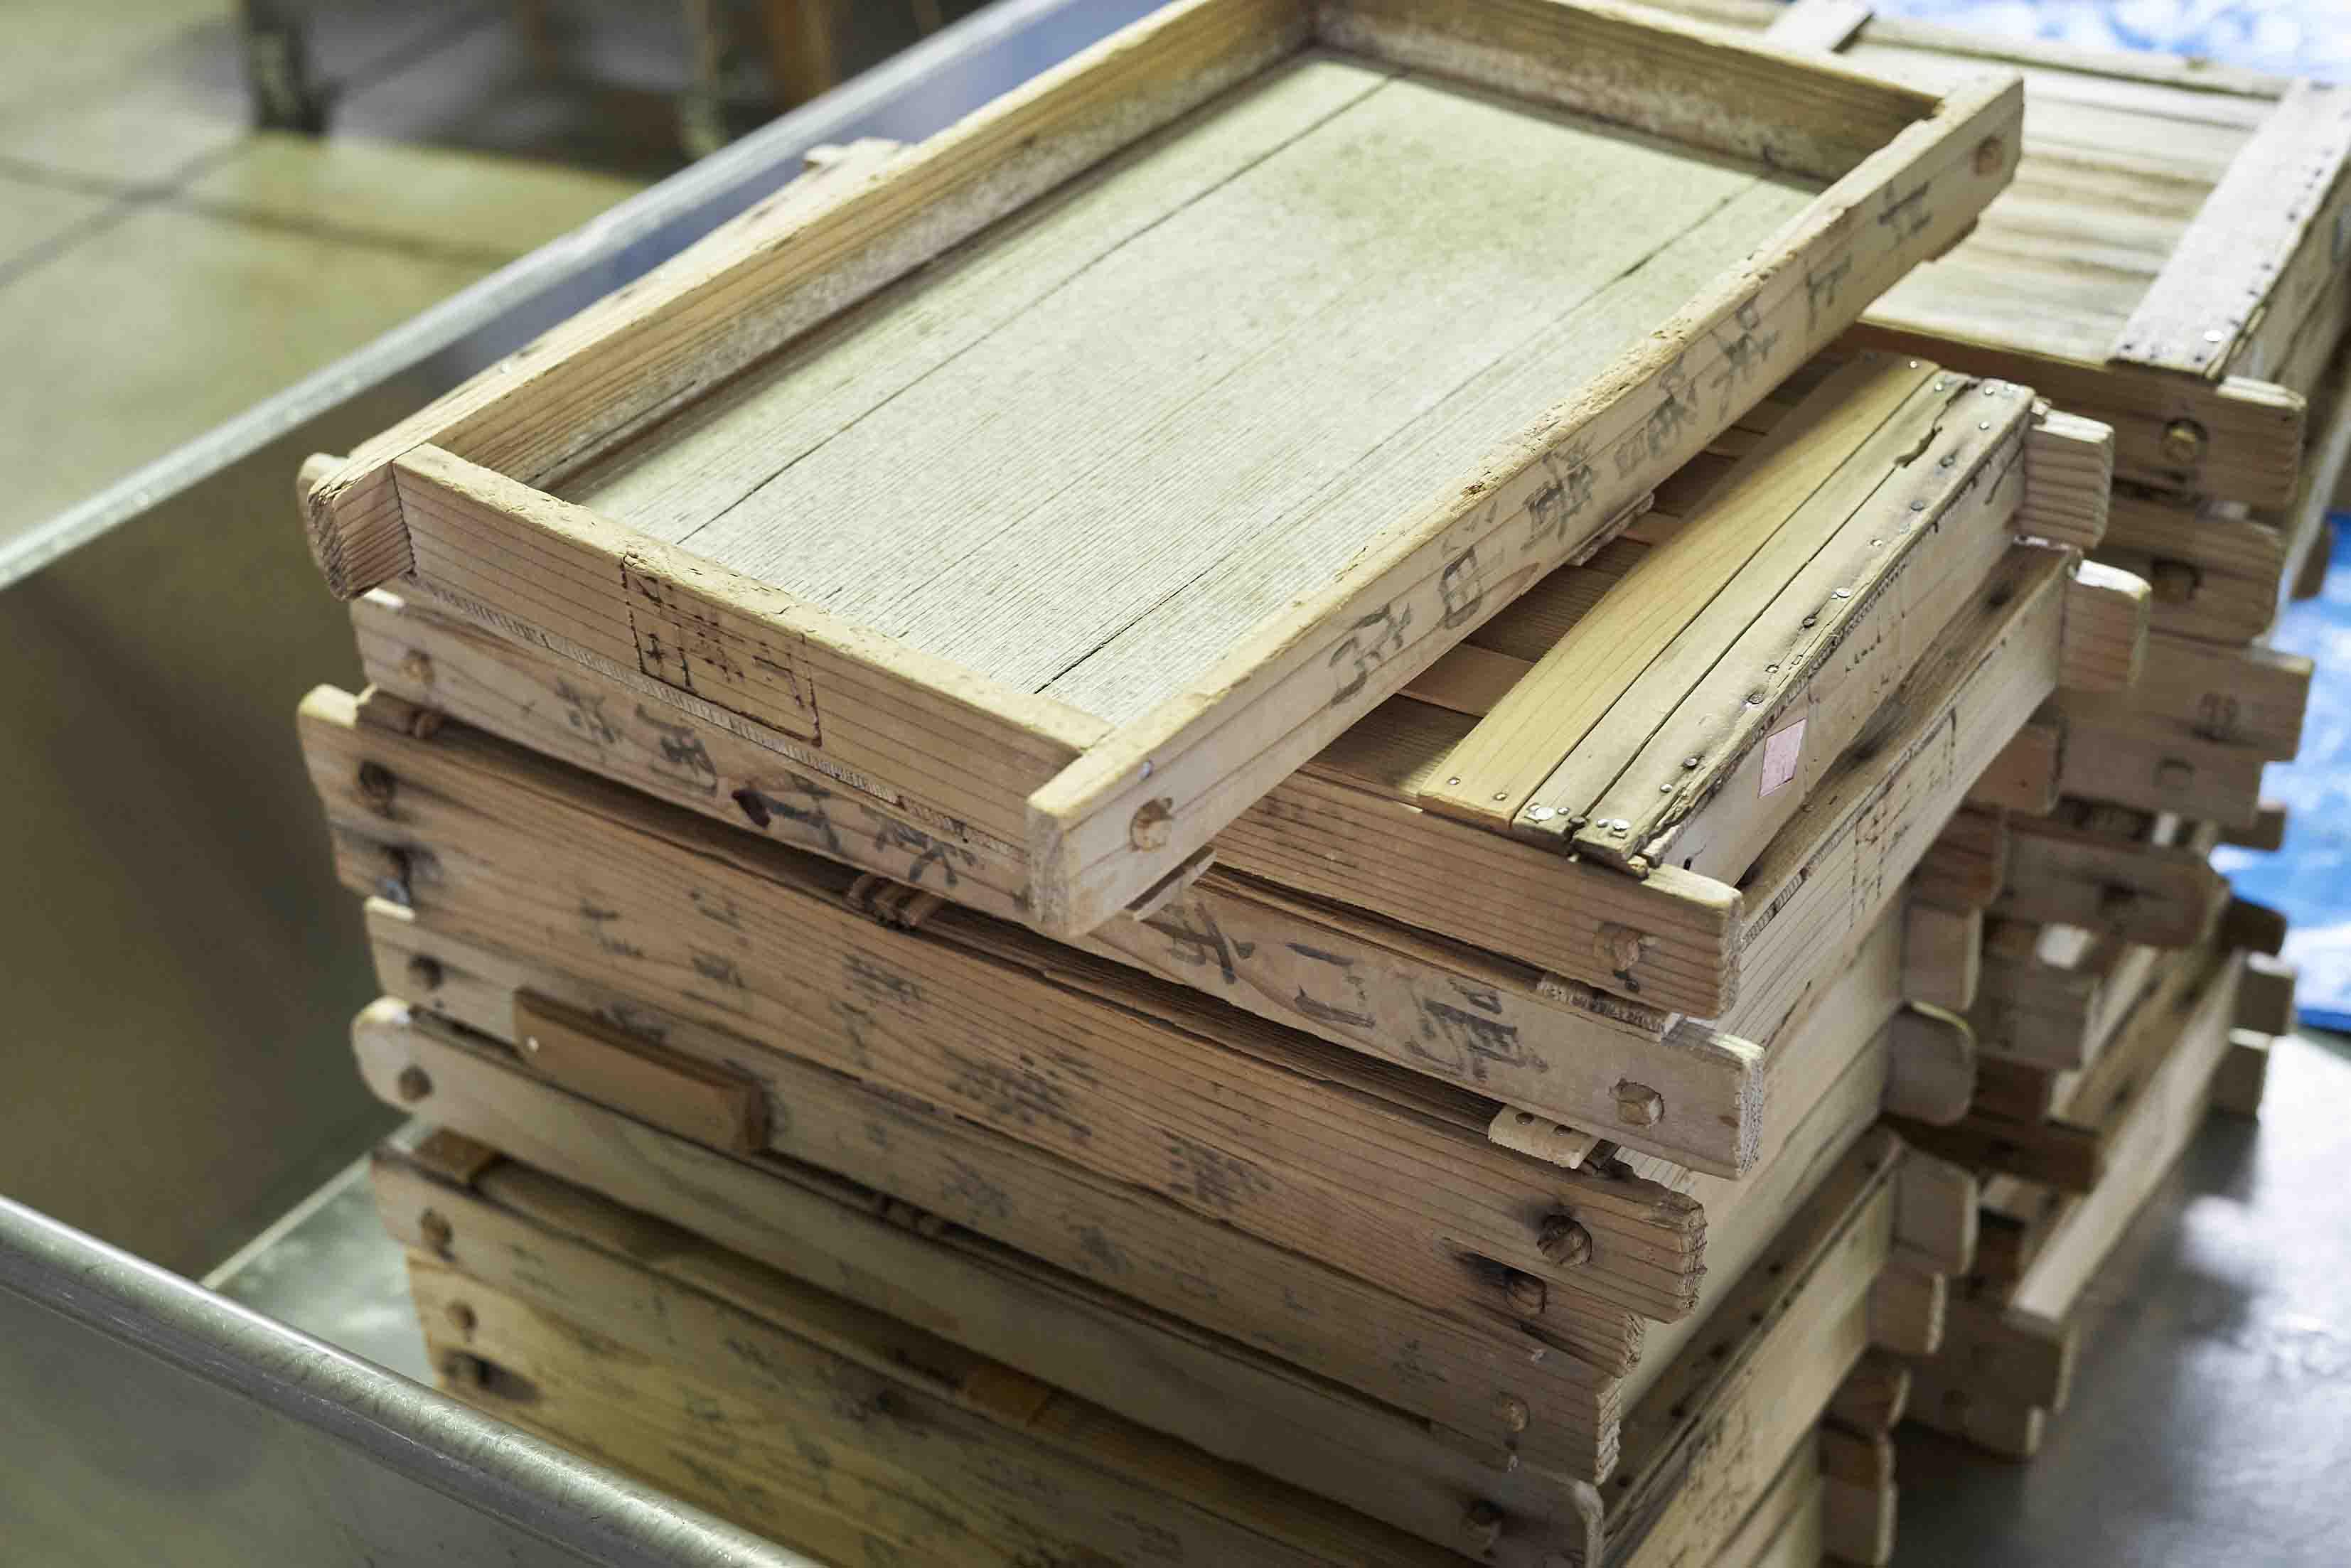 伝統の「もろぶた糀」といわれる米麹をつくる作業に欠かせない道具は、祖先の知恵いっぱいの木造りで、約40時間をかけて徹夜をしながら、手作業にて麹菌を育て上げます